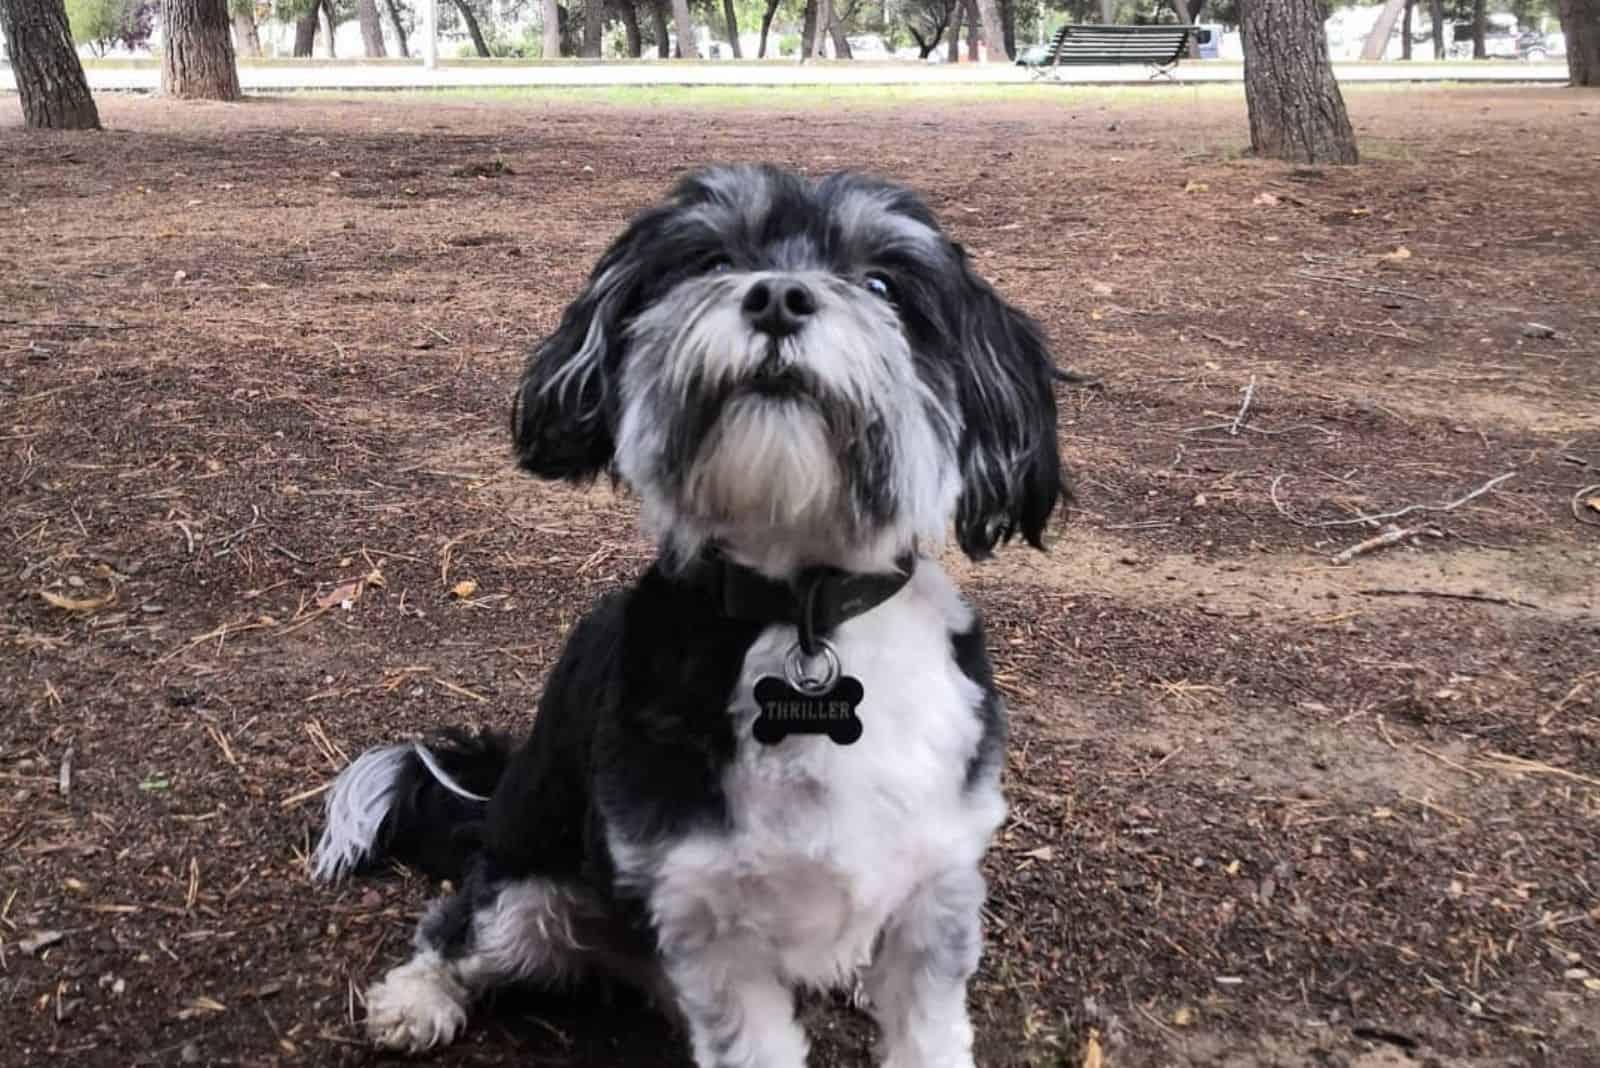 Kyi Leo Hund spielt in park